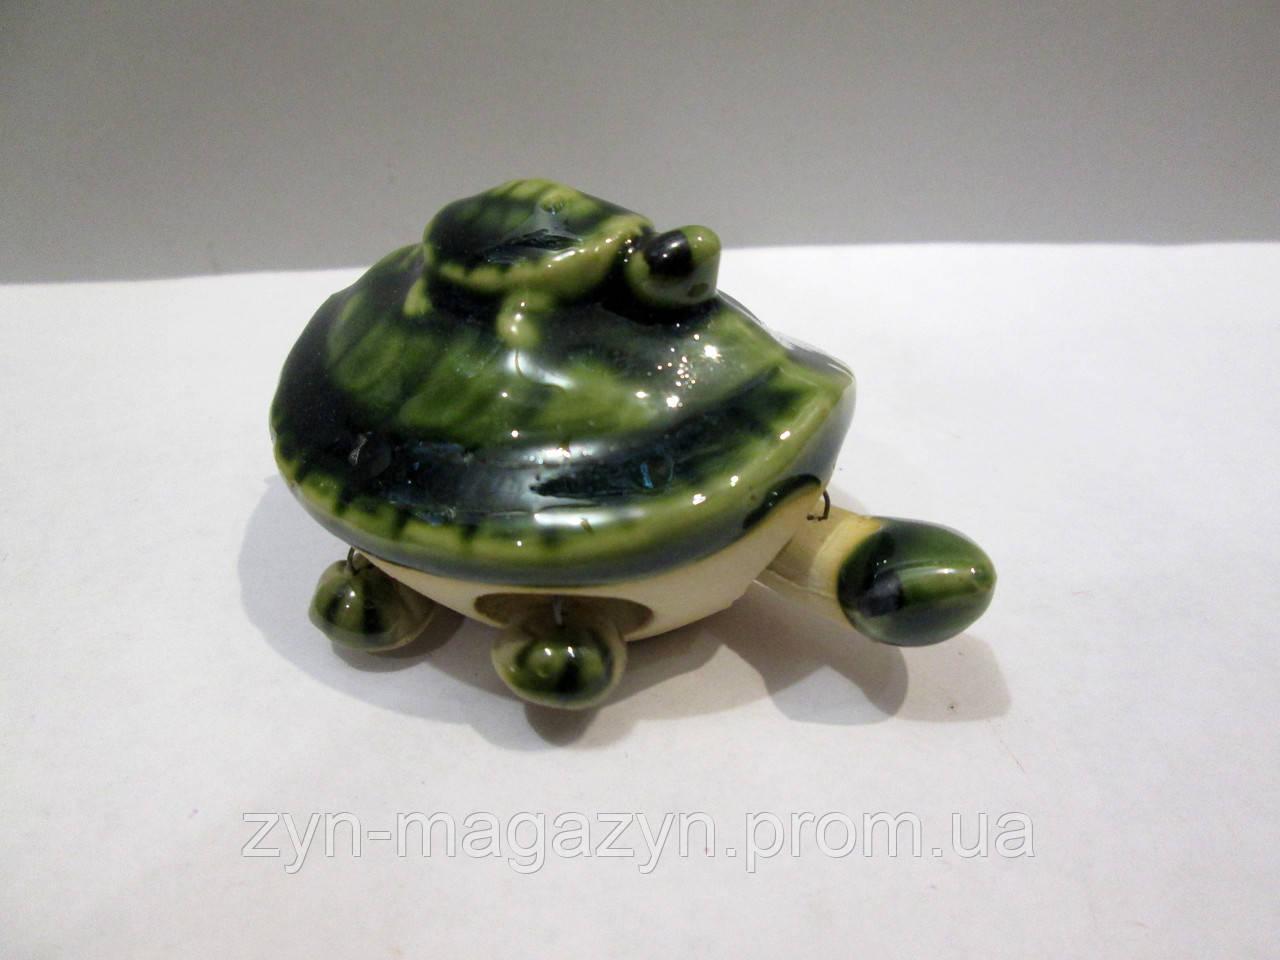 брал черепахи из фарфора италия фото строгие, требующие